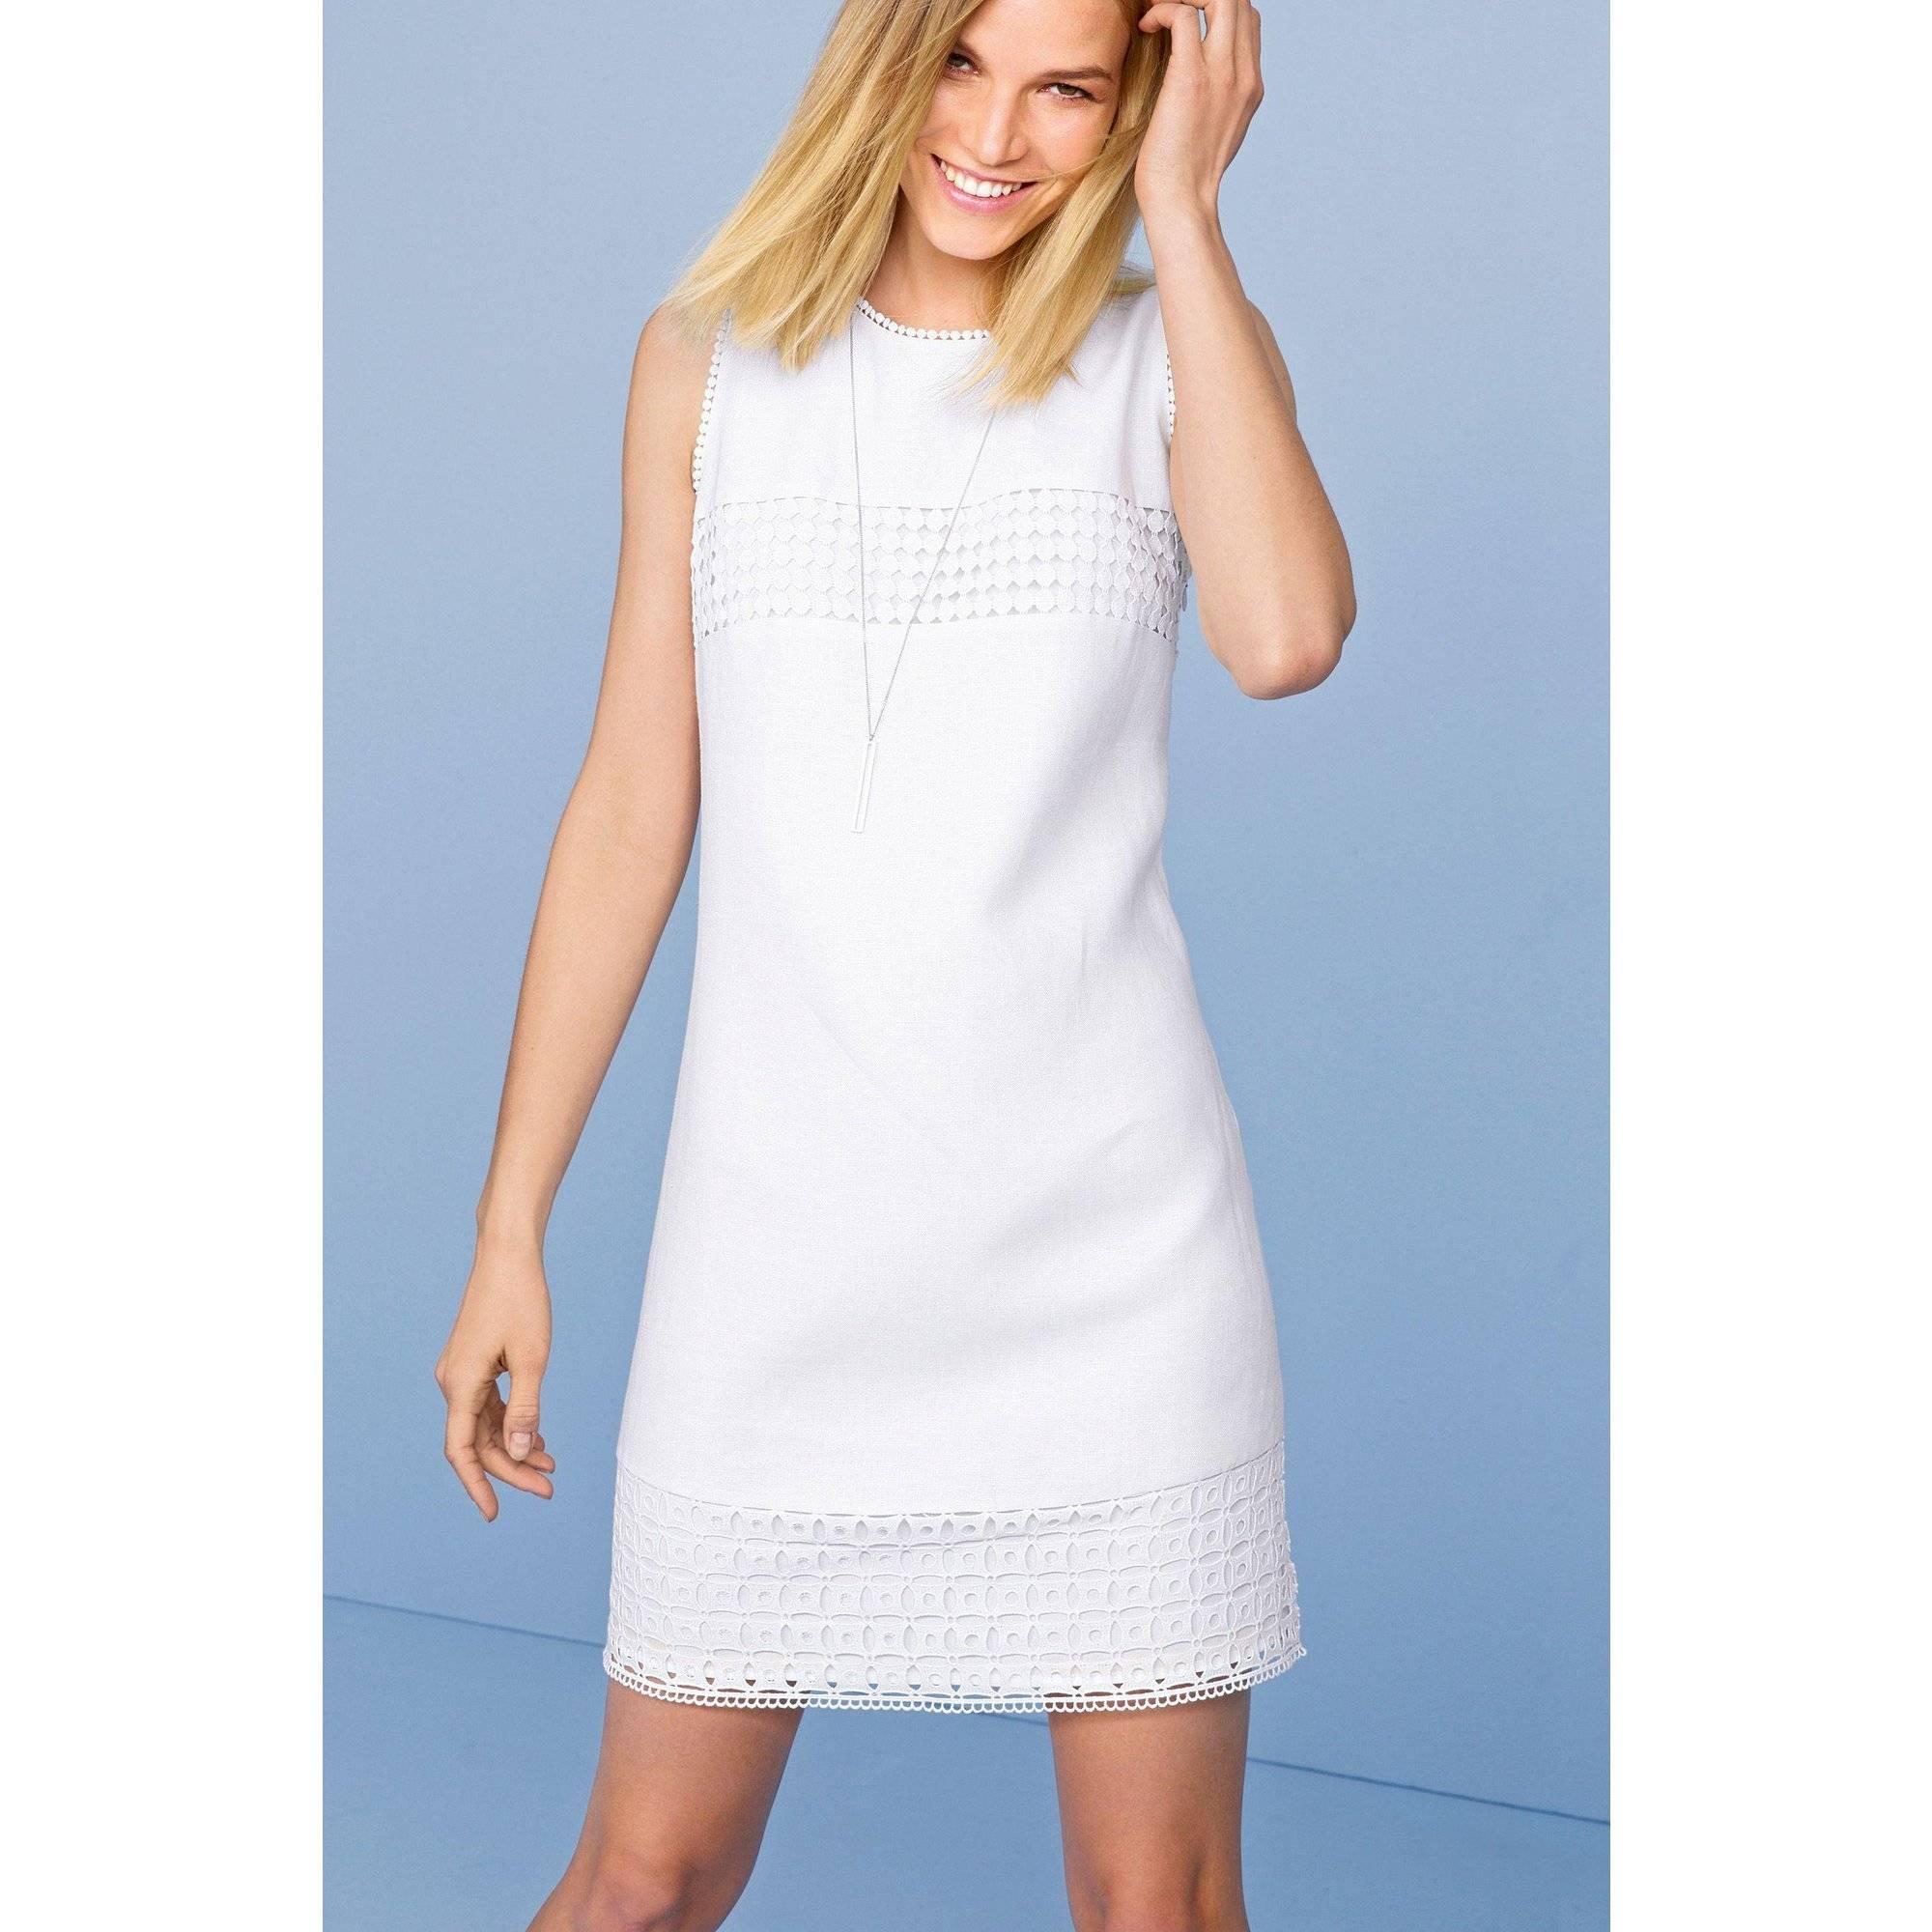 Quelle veste porter avec une robe blanche